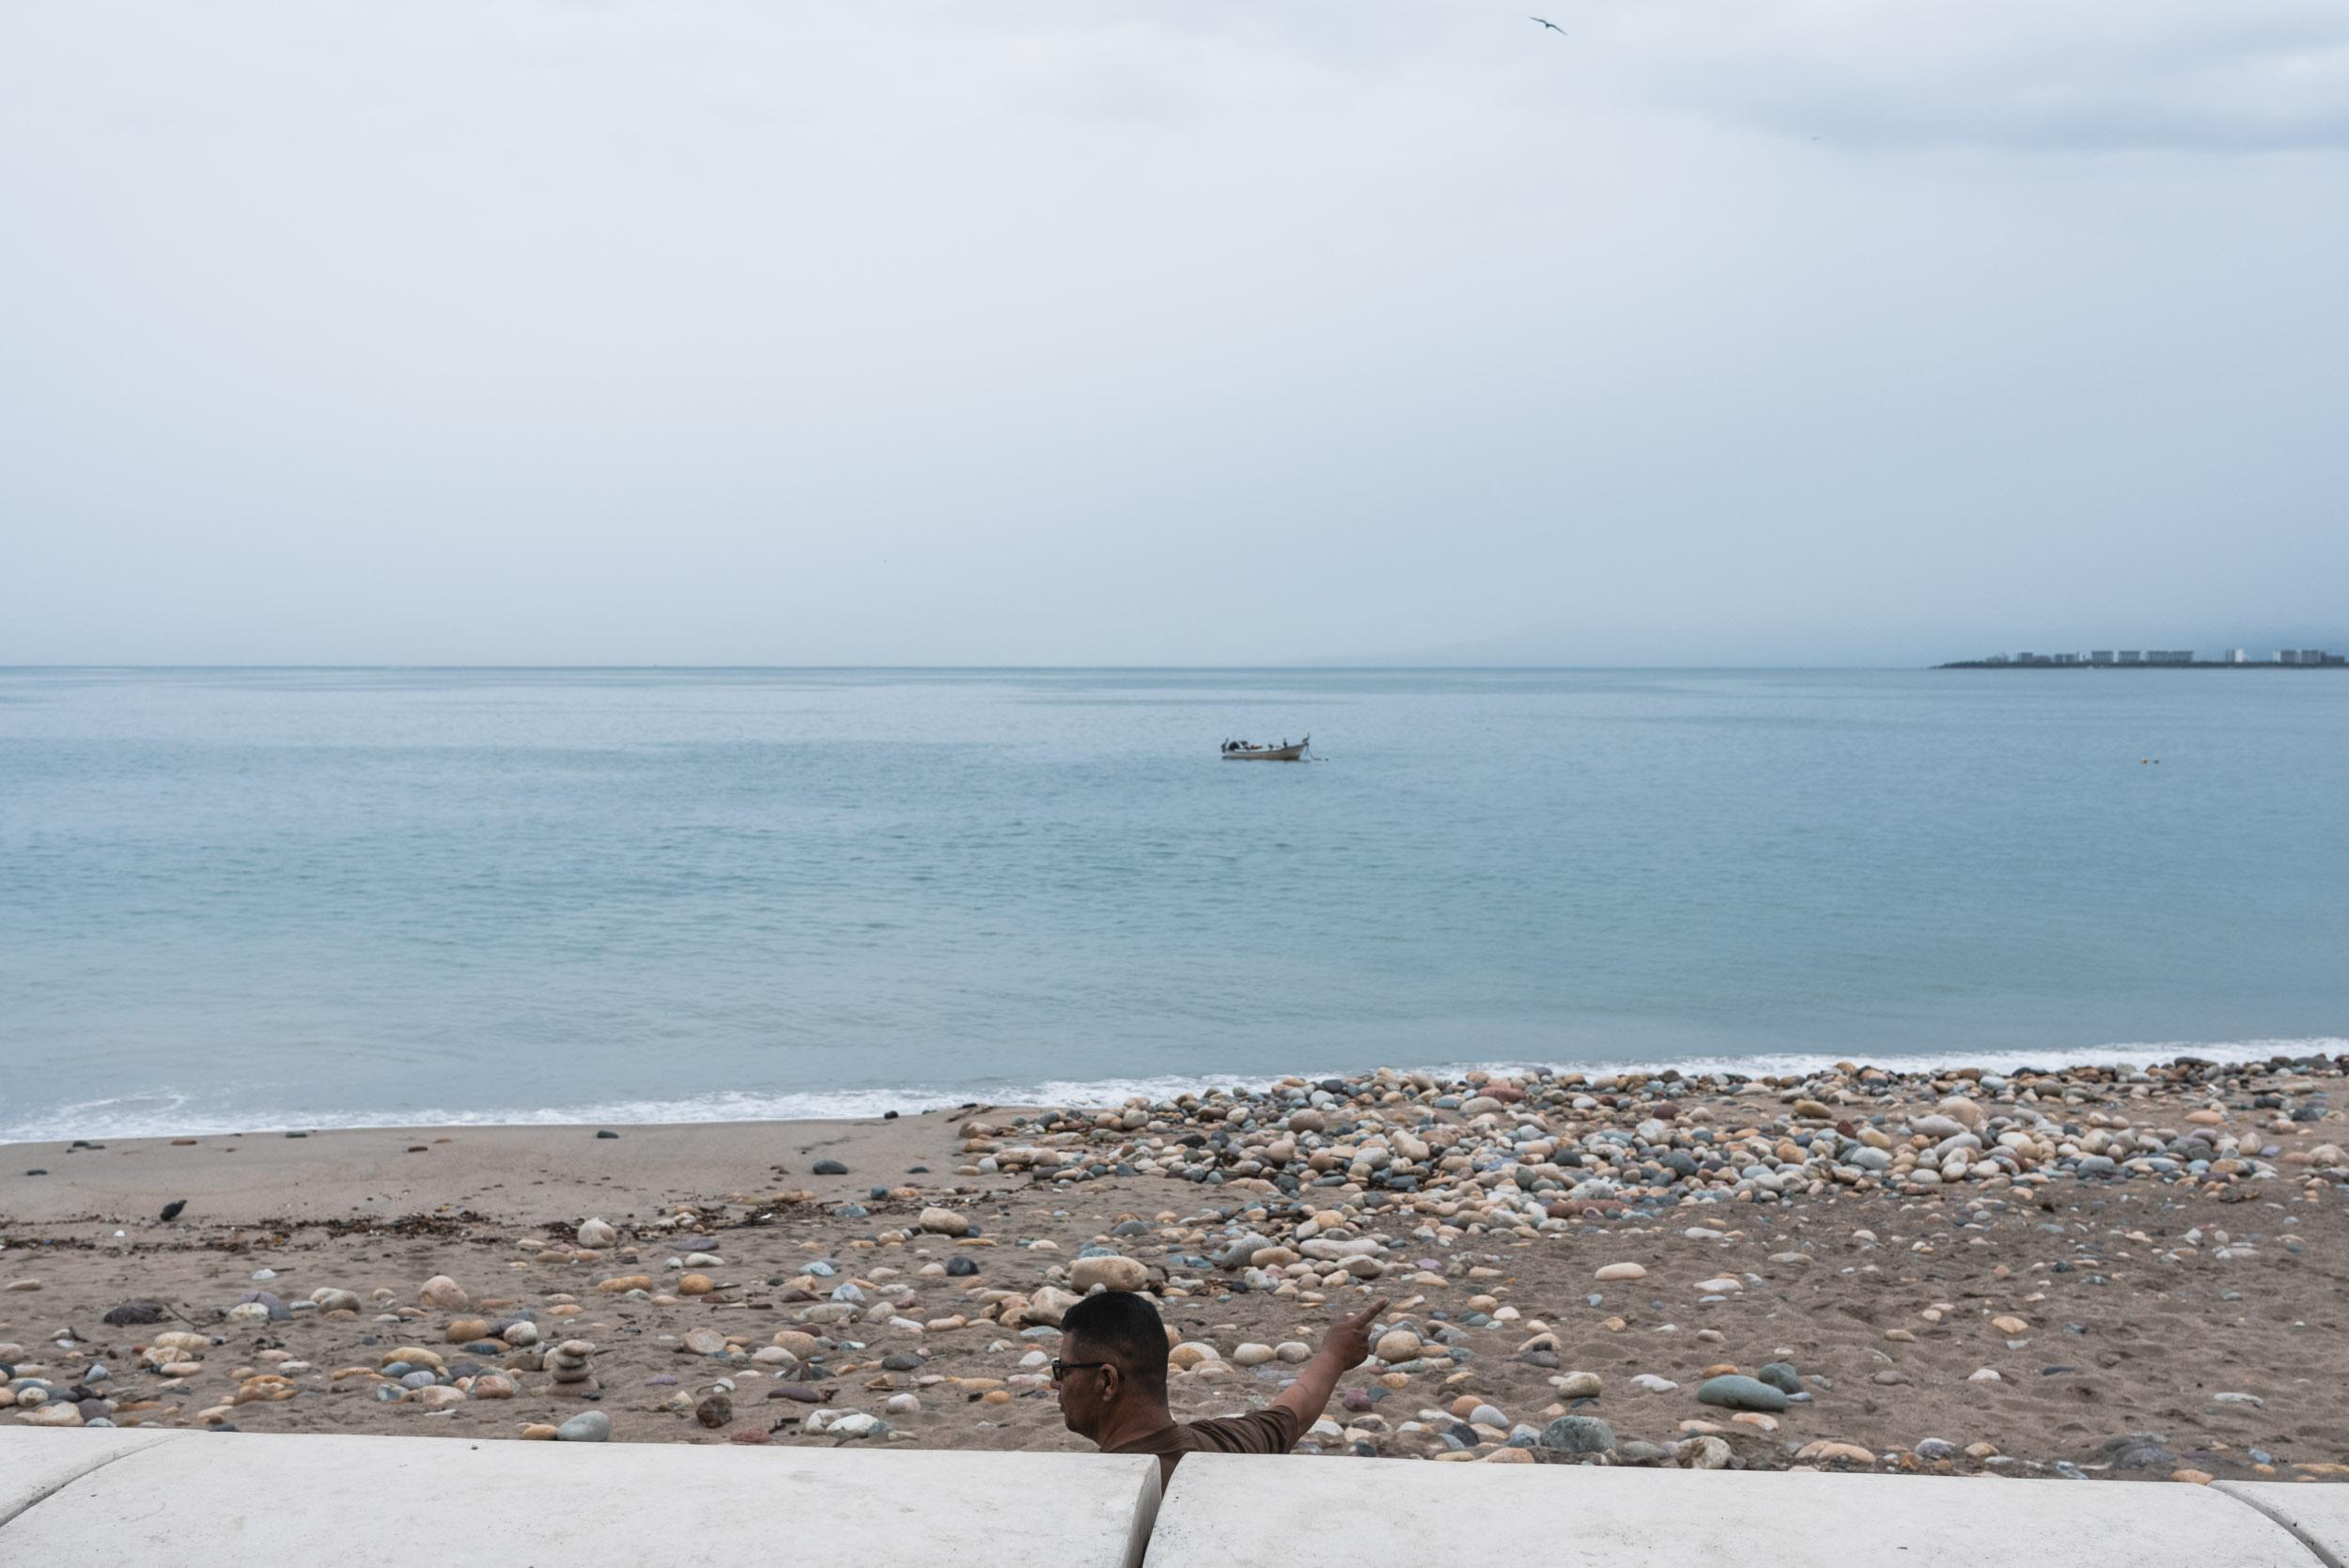 Puerto Vallarta Malecon beach street scene